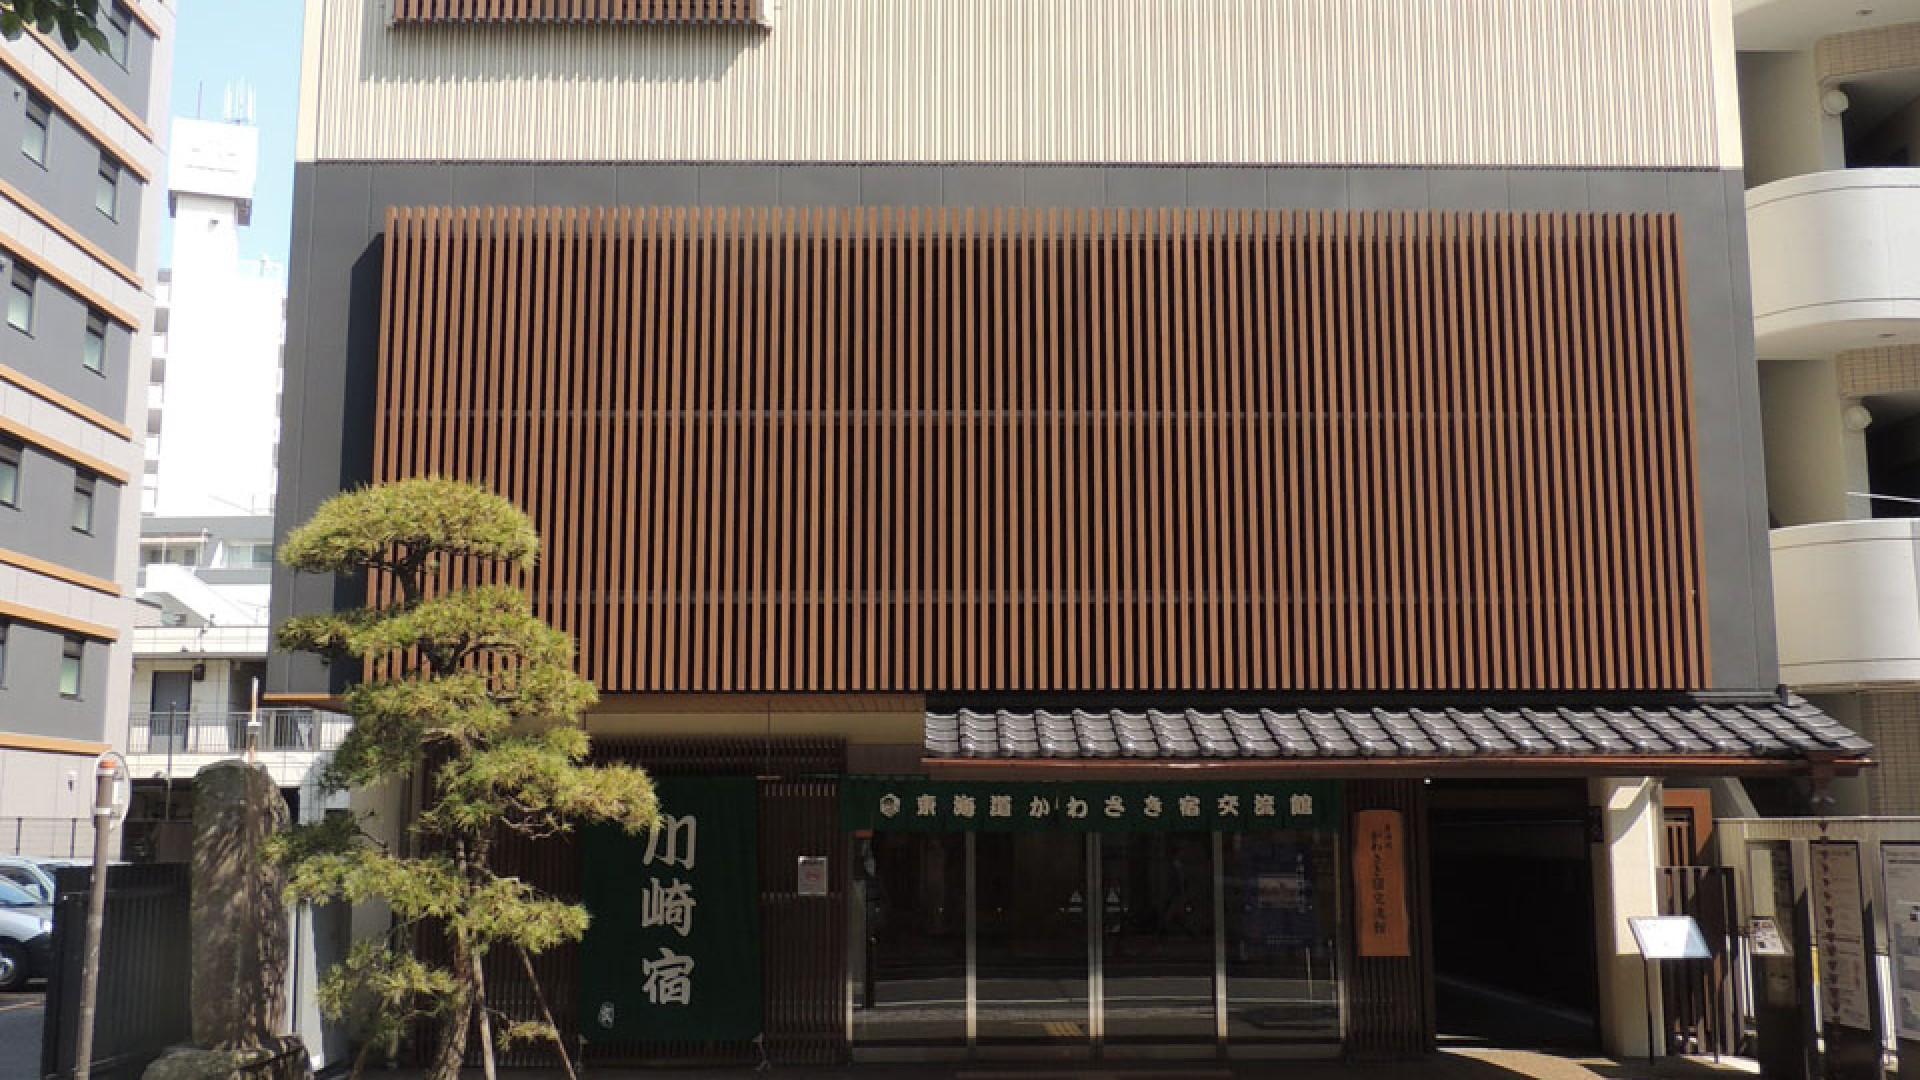 도카이도 가와사키주쿠 교류관